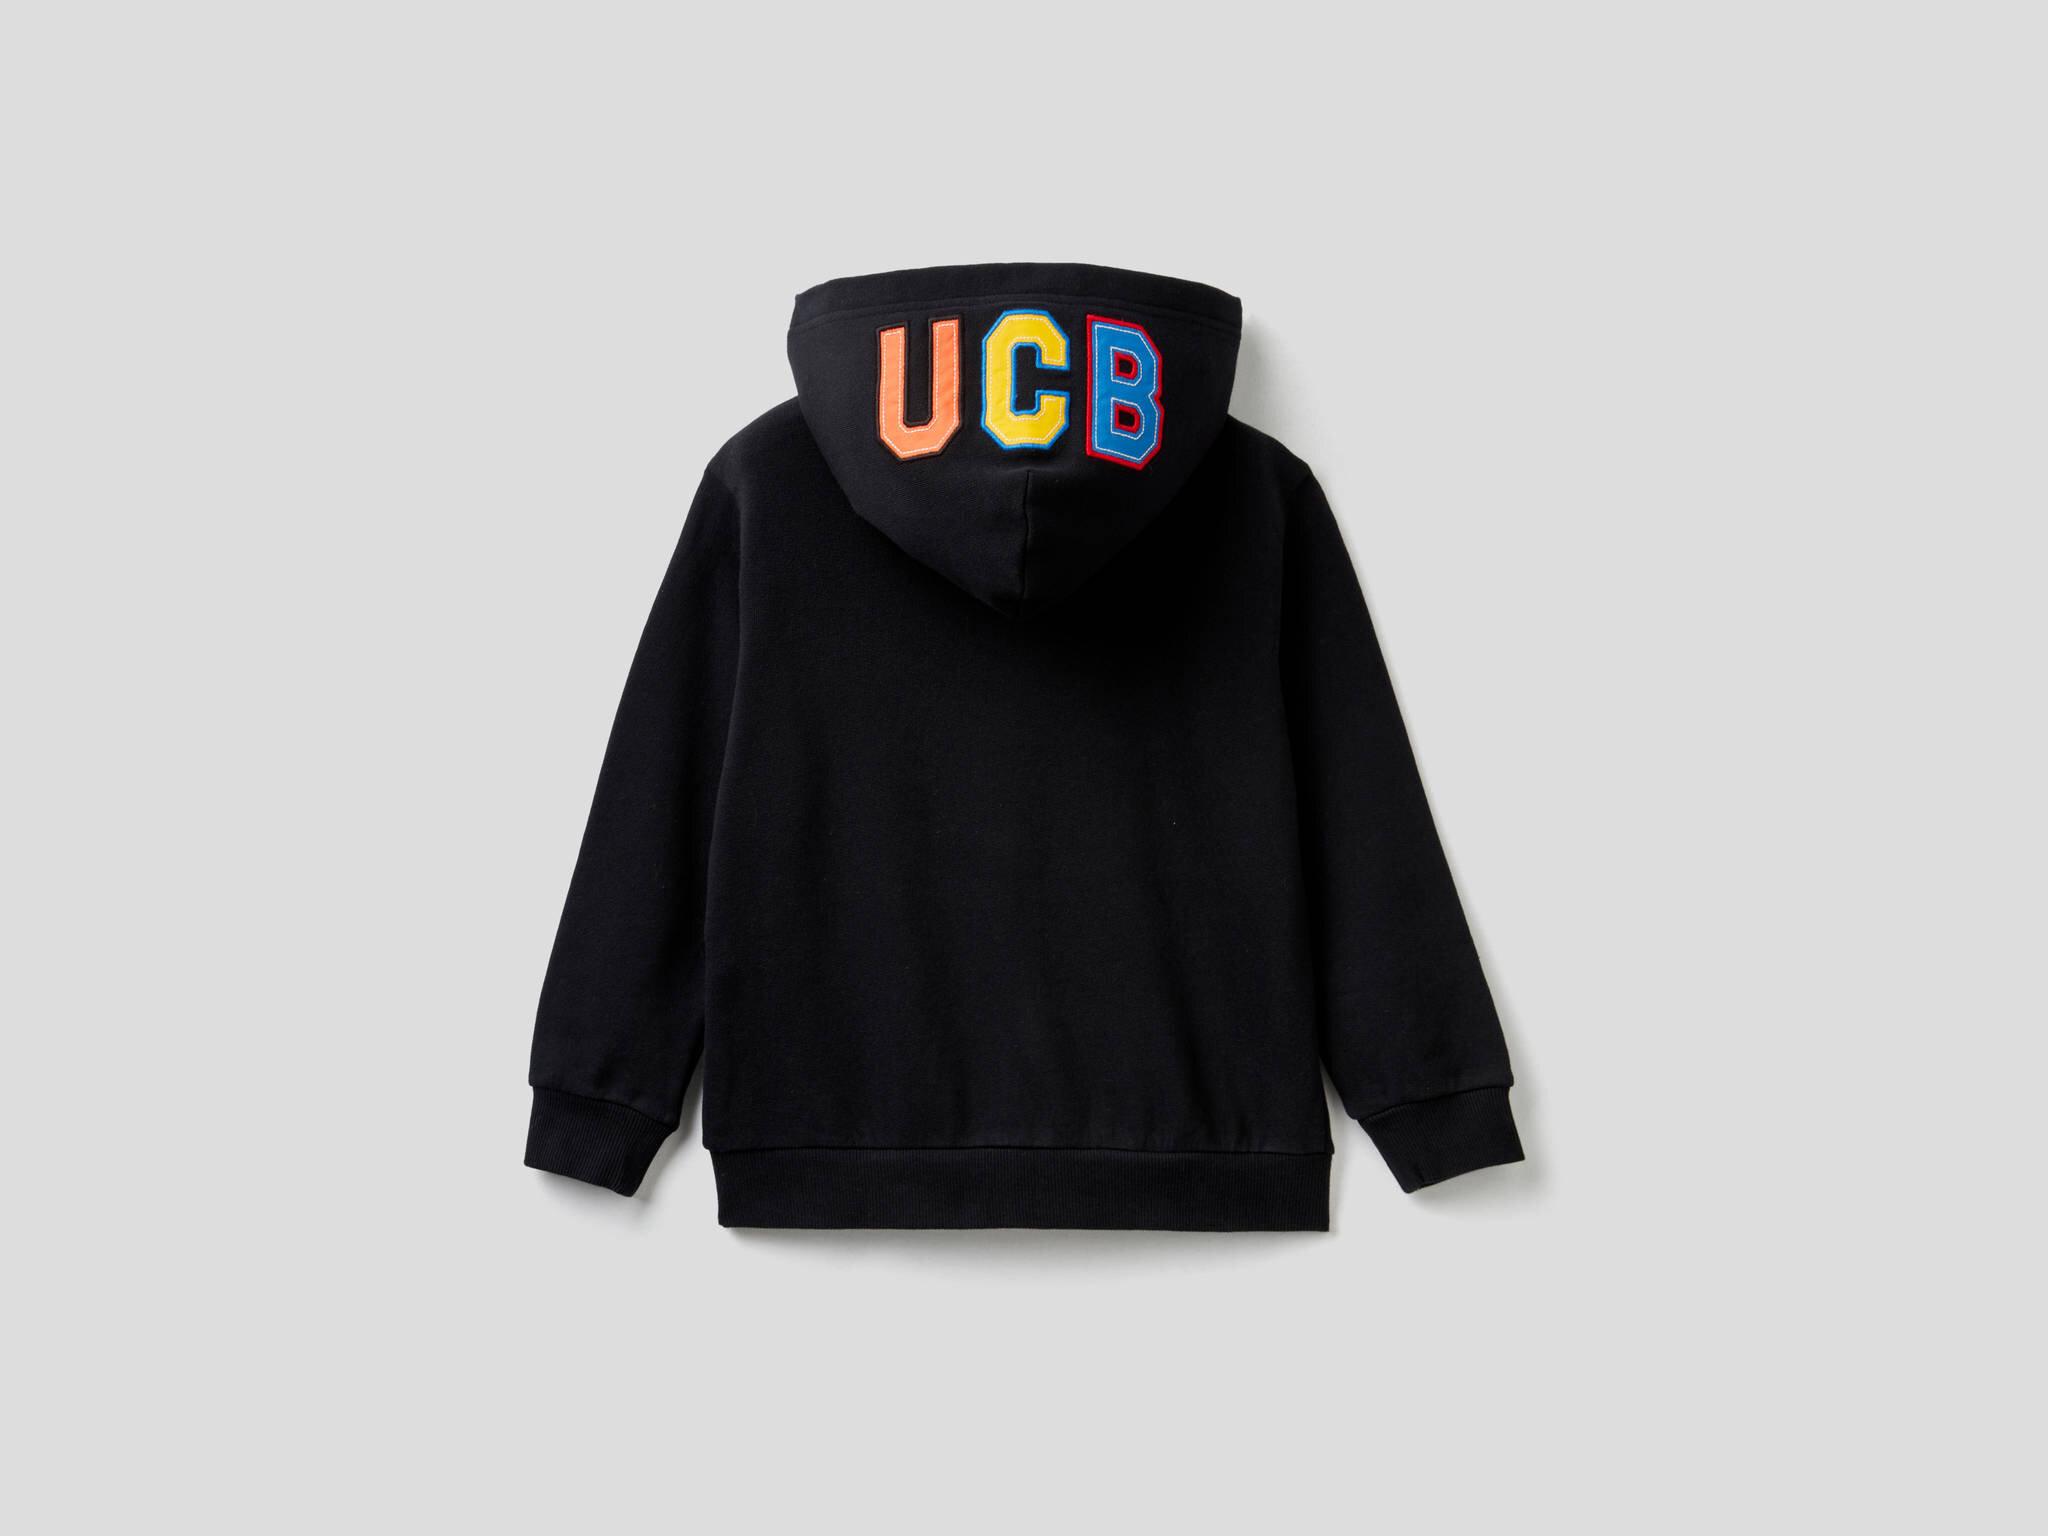 UCB Aplikeli Sweatshirt